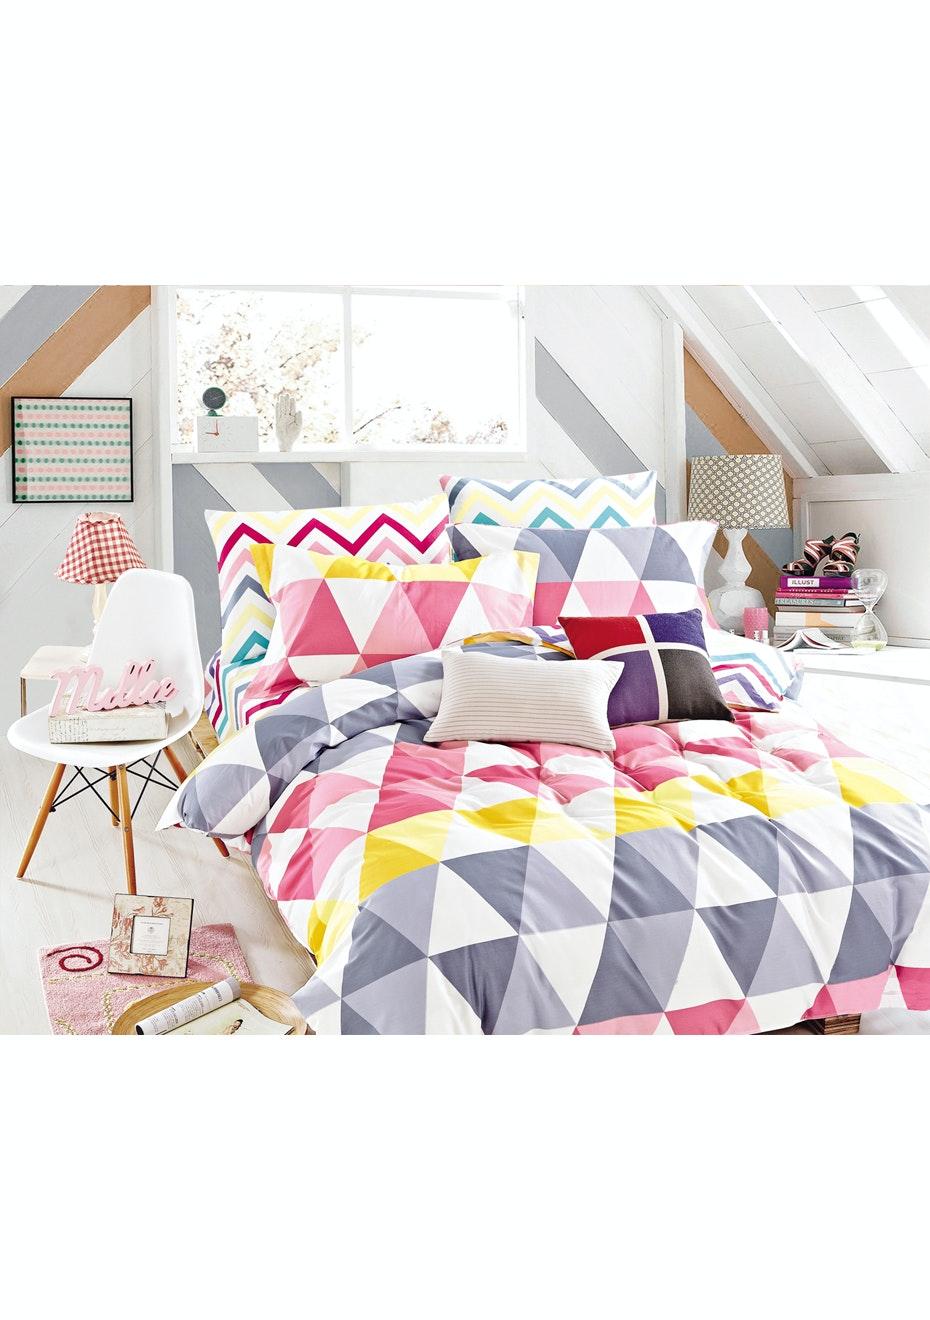 Calypso Quilt Cover Set - Queen Bed - Reversible Design